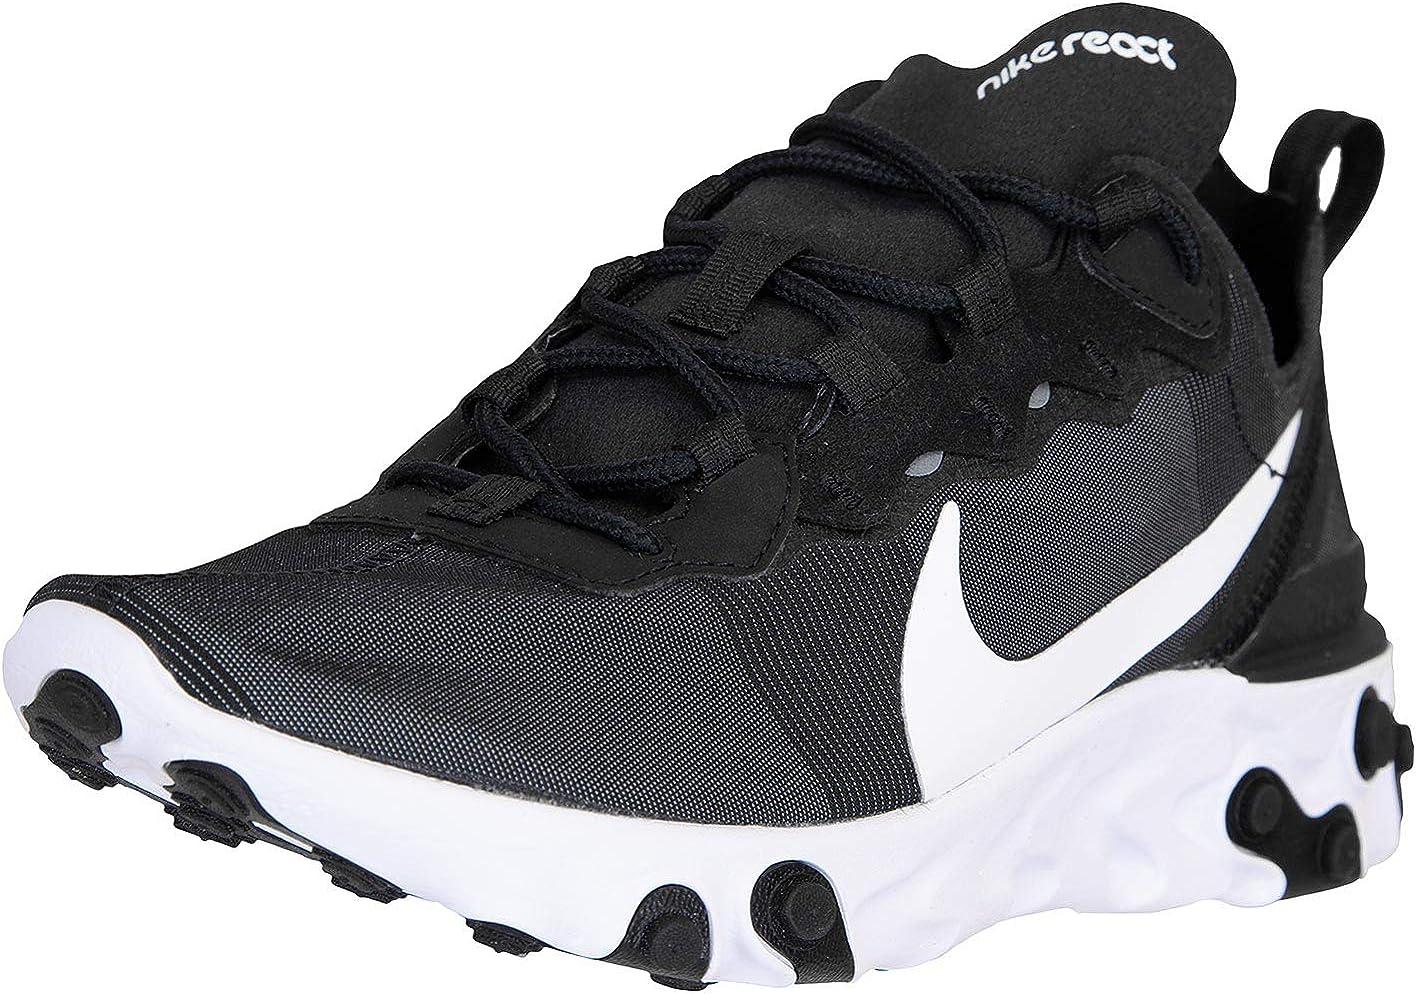 Nike React Element 55 Baskets pour femme - Noir - Noir/blanc, 39 ...